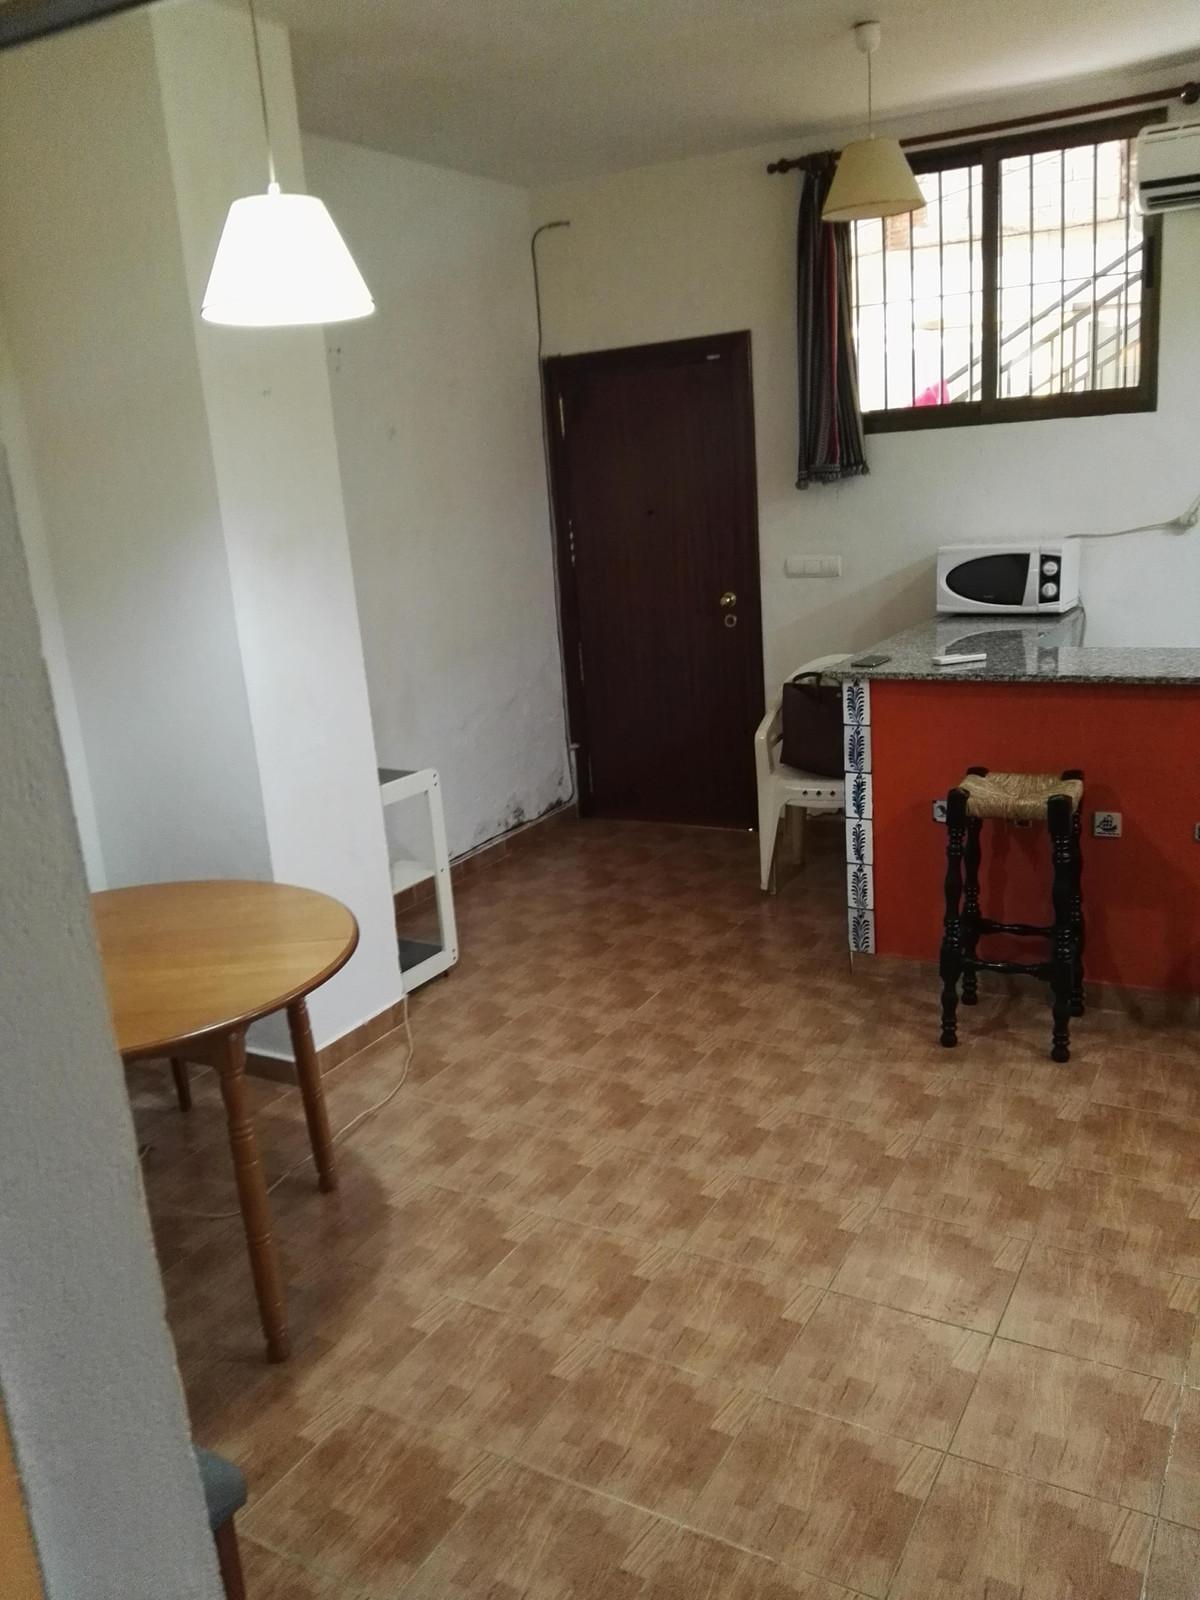 Apartamento - Torremolinos Centro - R3866119 - mibgroup.es